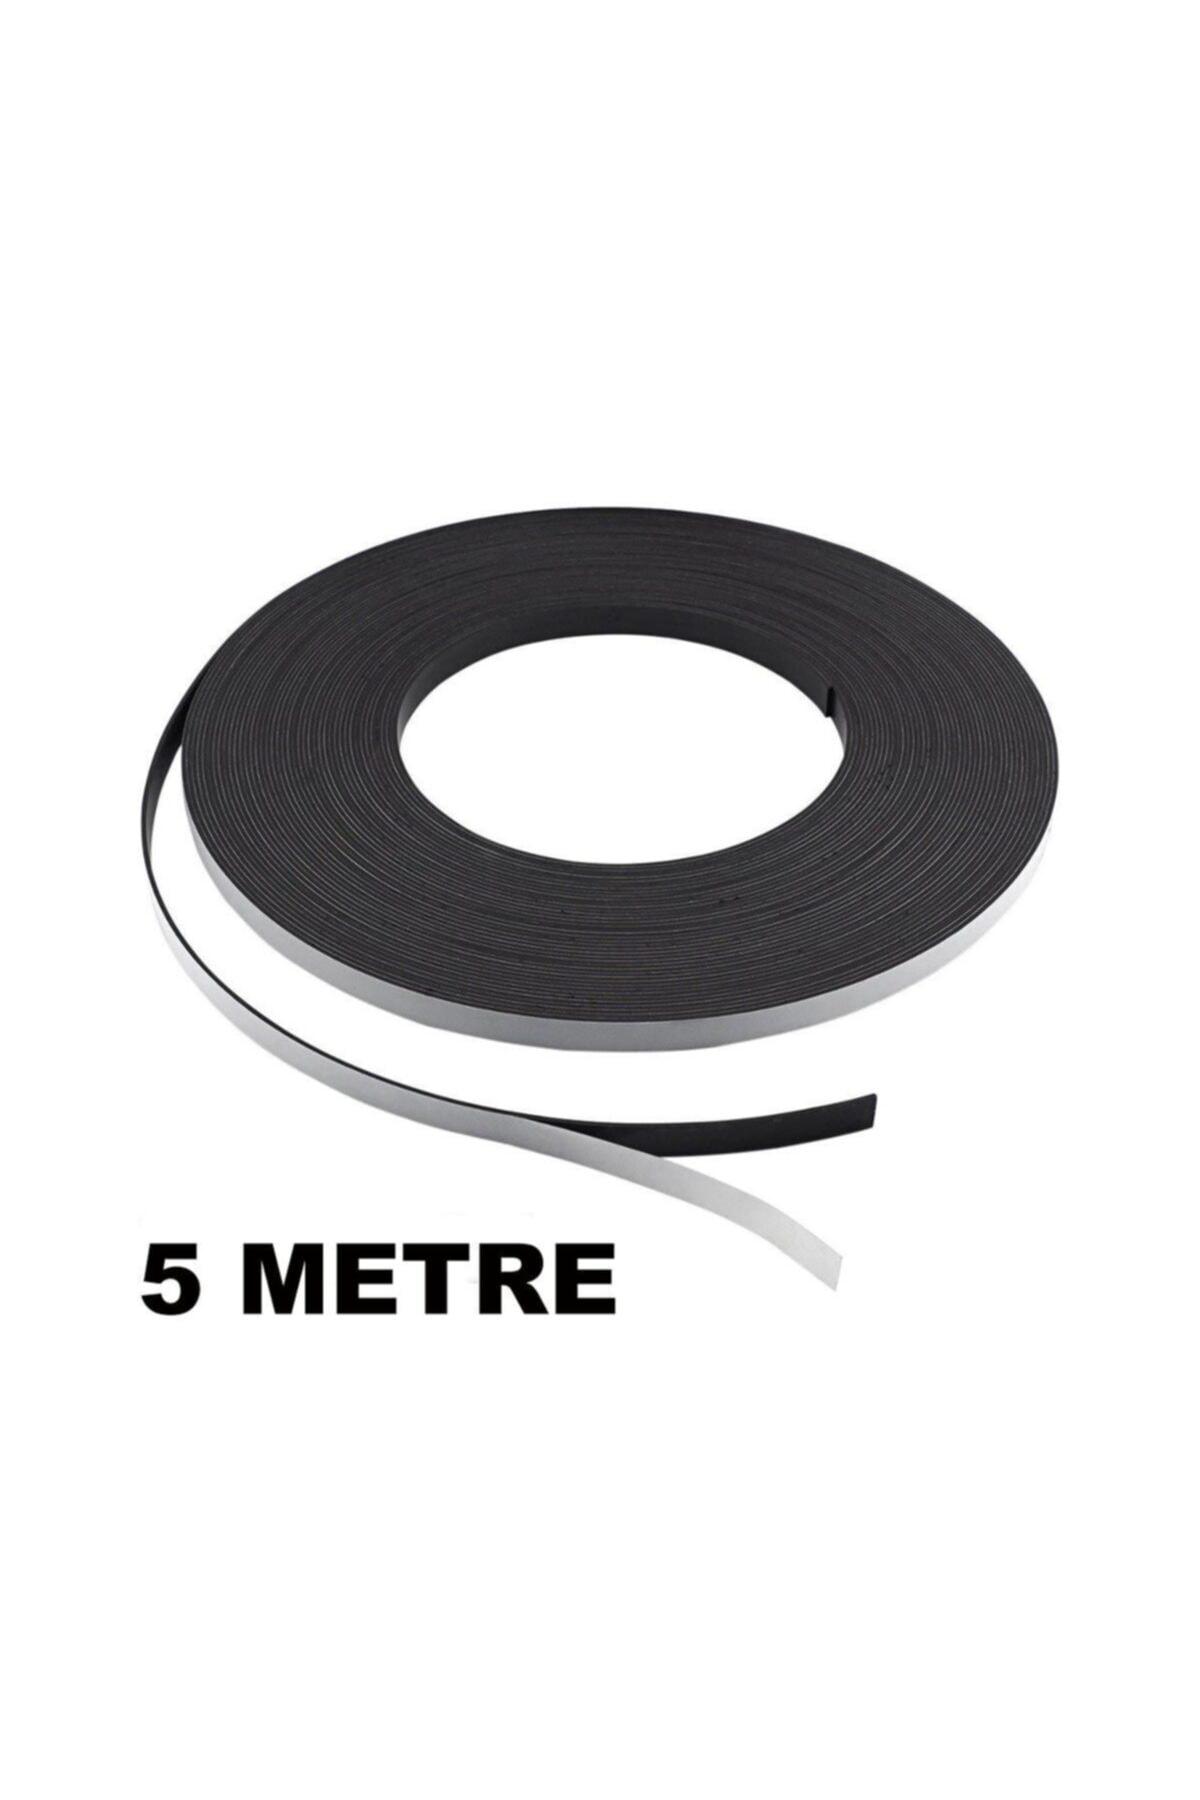 Dünya Magnet 5 Metre Şerit Magnet Mıknatıs - Arkası Yapışkanlı Çıkartmalı(5 Metre) 1